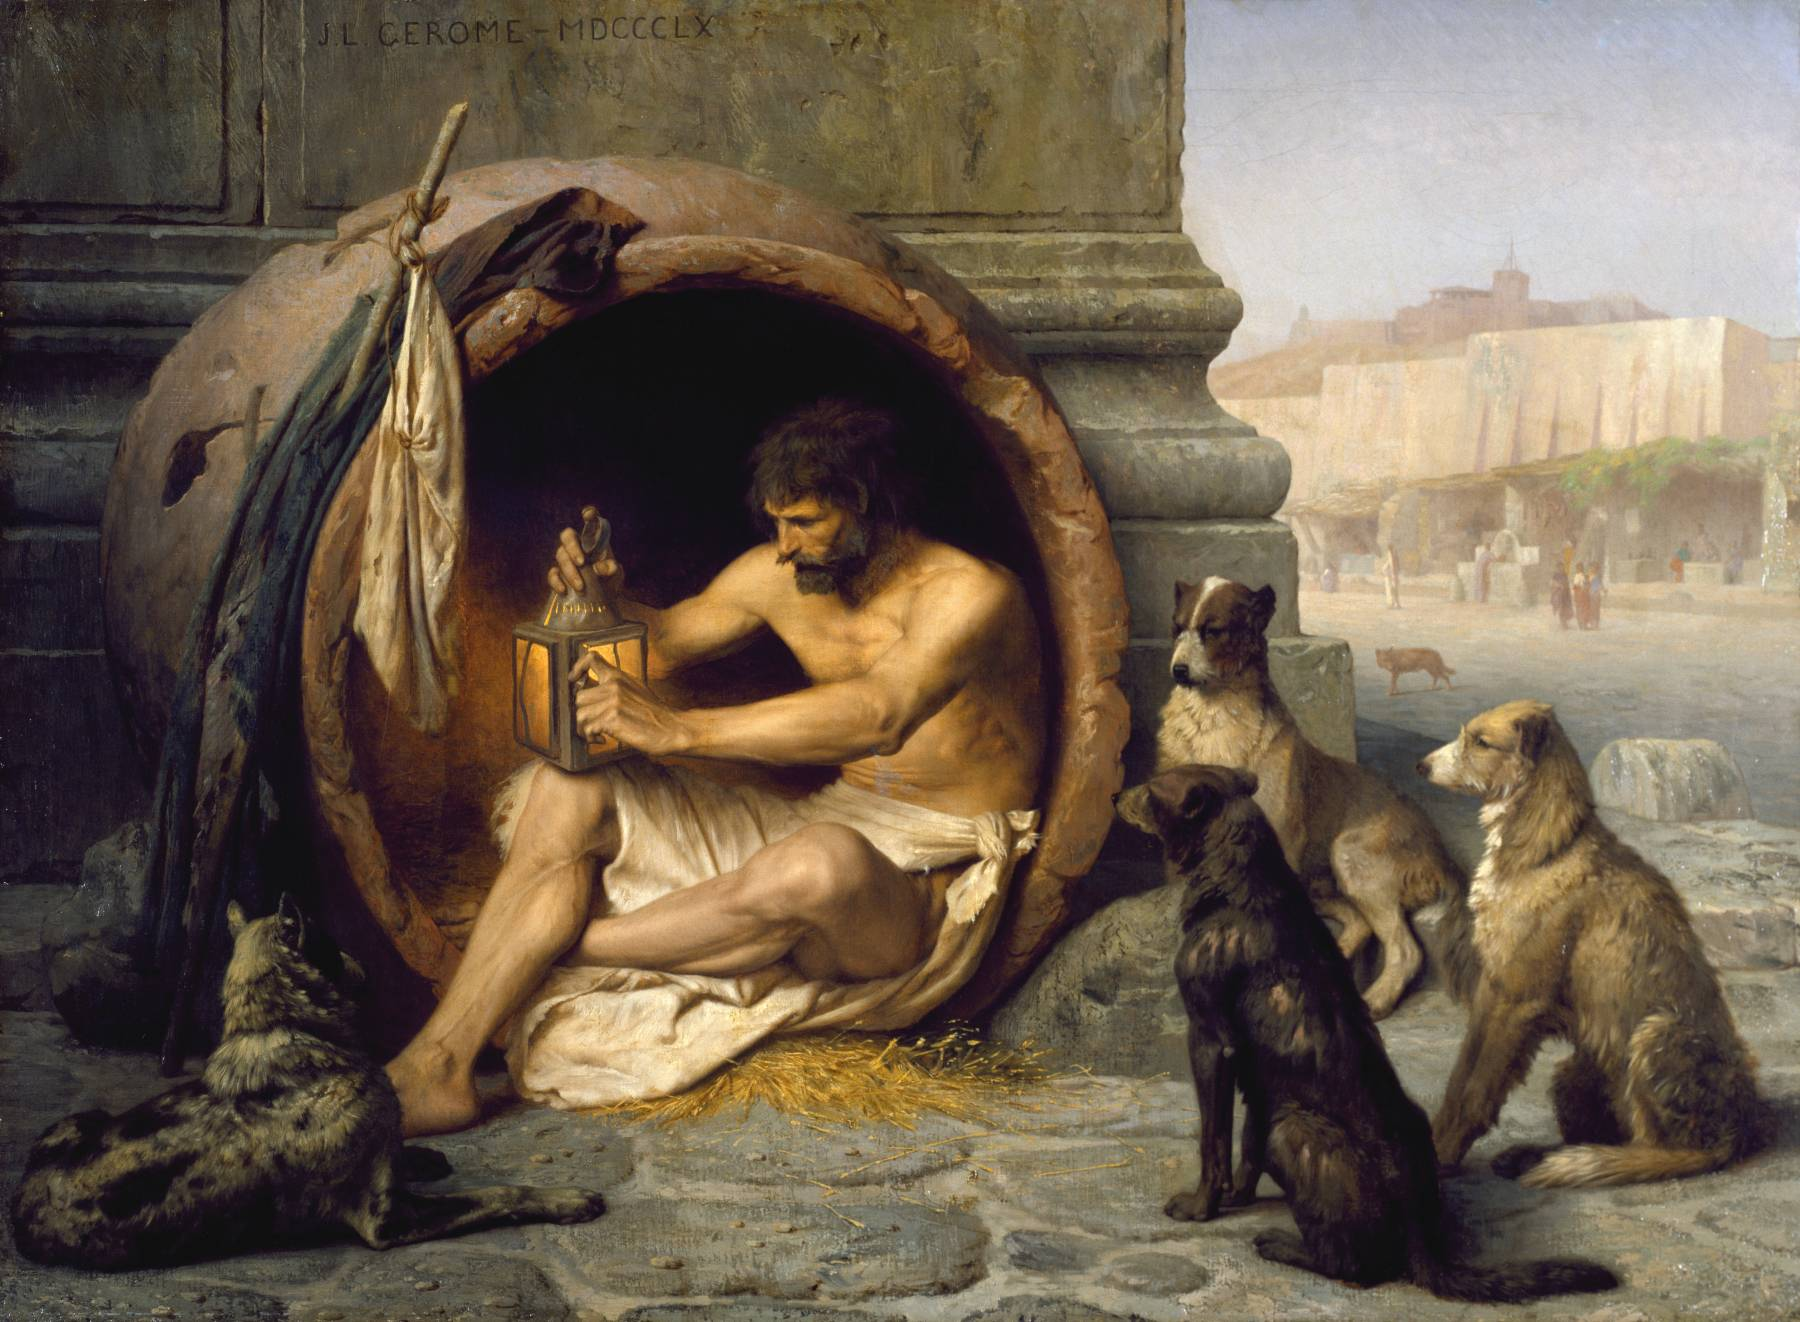 Лемуры — кровожадные духи усопших из мифологии древнего рима